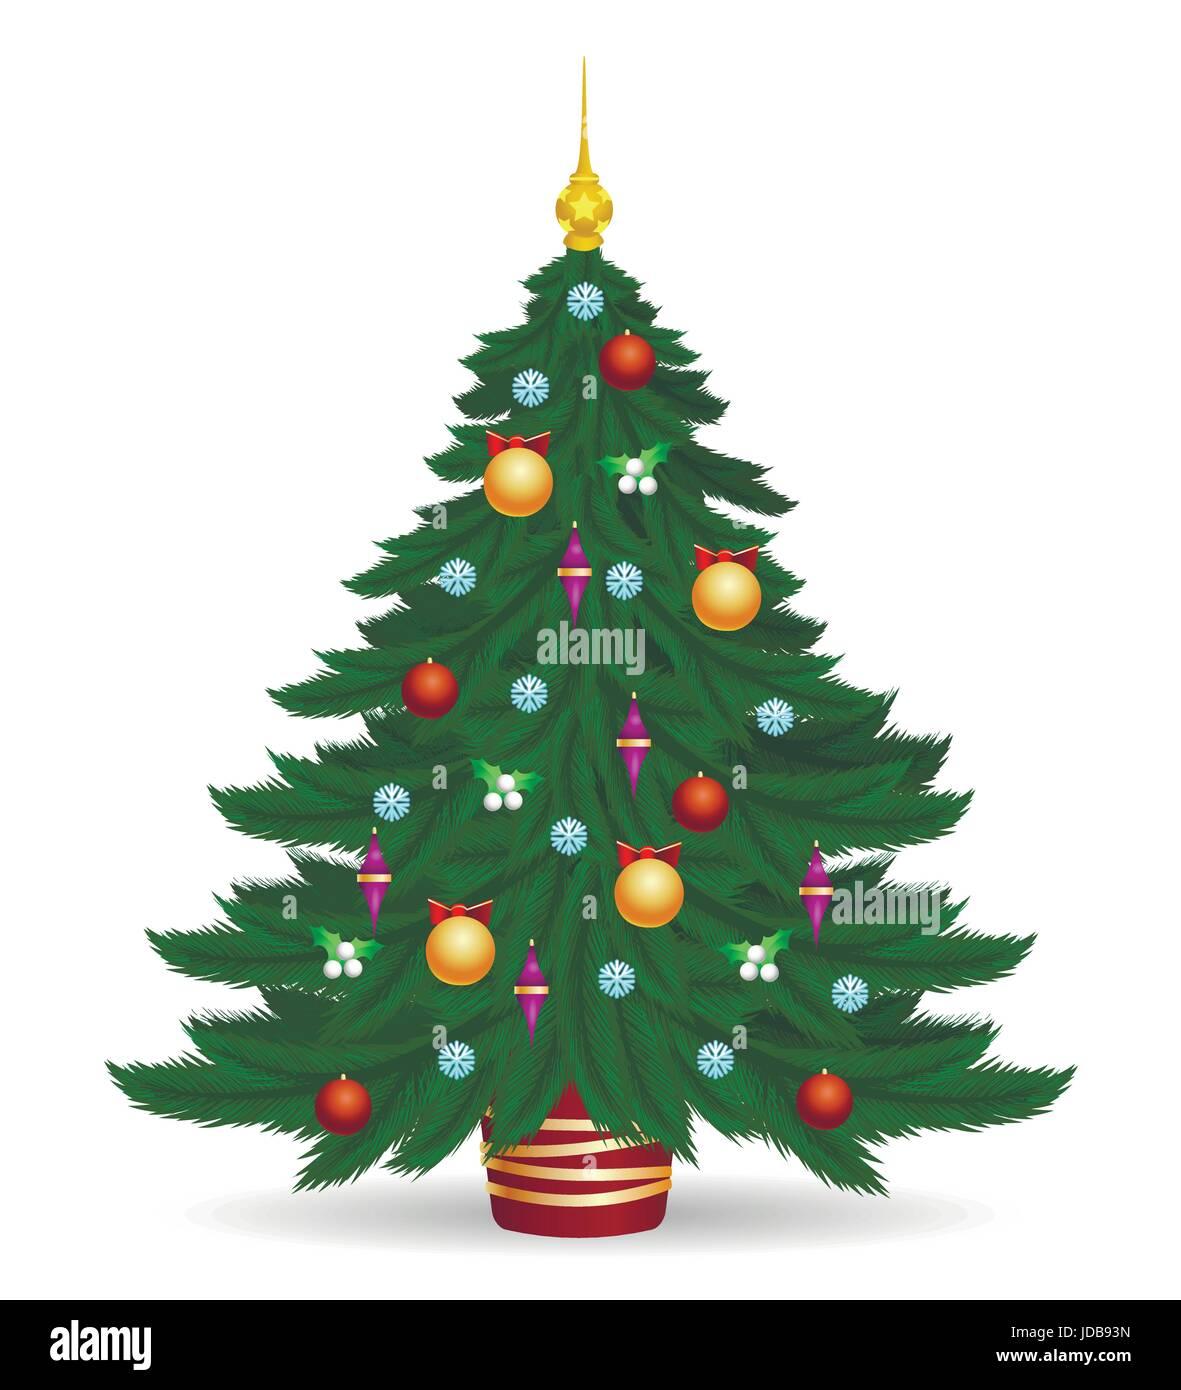 Symbol Weihnachtsbaum.Weihnachtsbaum Vektor Illustration Bunten Traditionellen Xmas Bäume